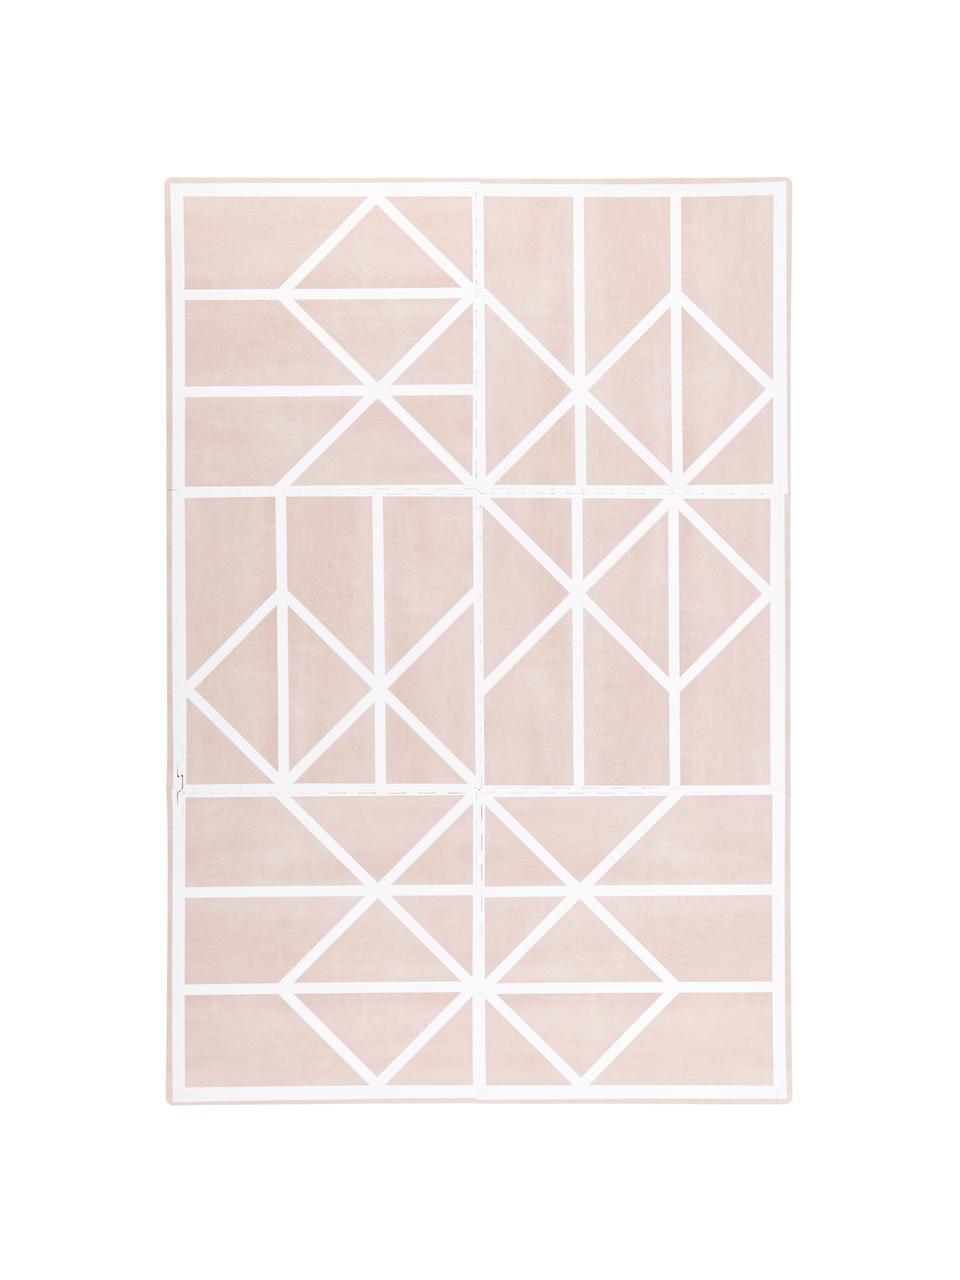 Erweiterbares Spielmatten-Set Nordic, 18-tlg., Schaumstoff (EVAC), schadstofffrei, Rosa, Creme, 120 x 180 cm